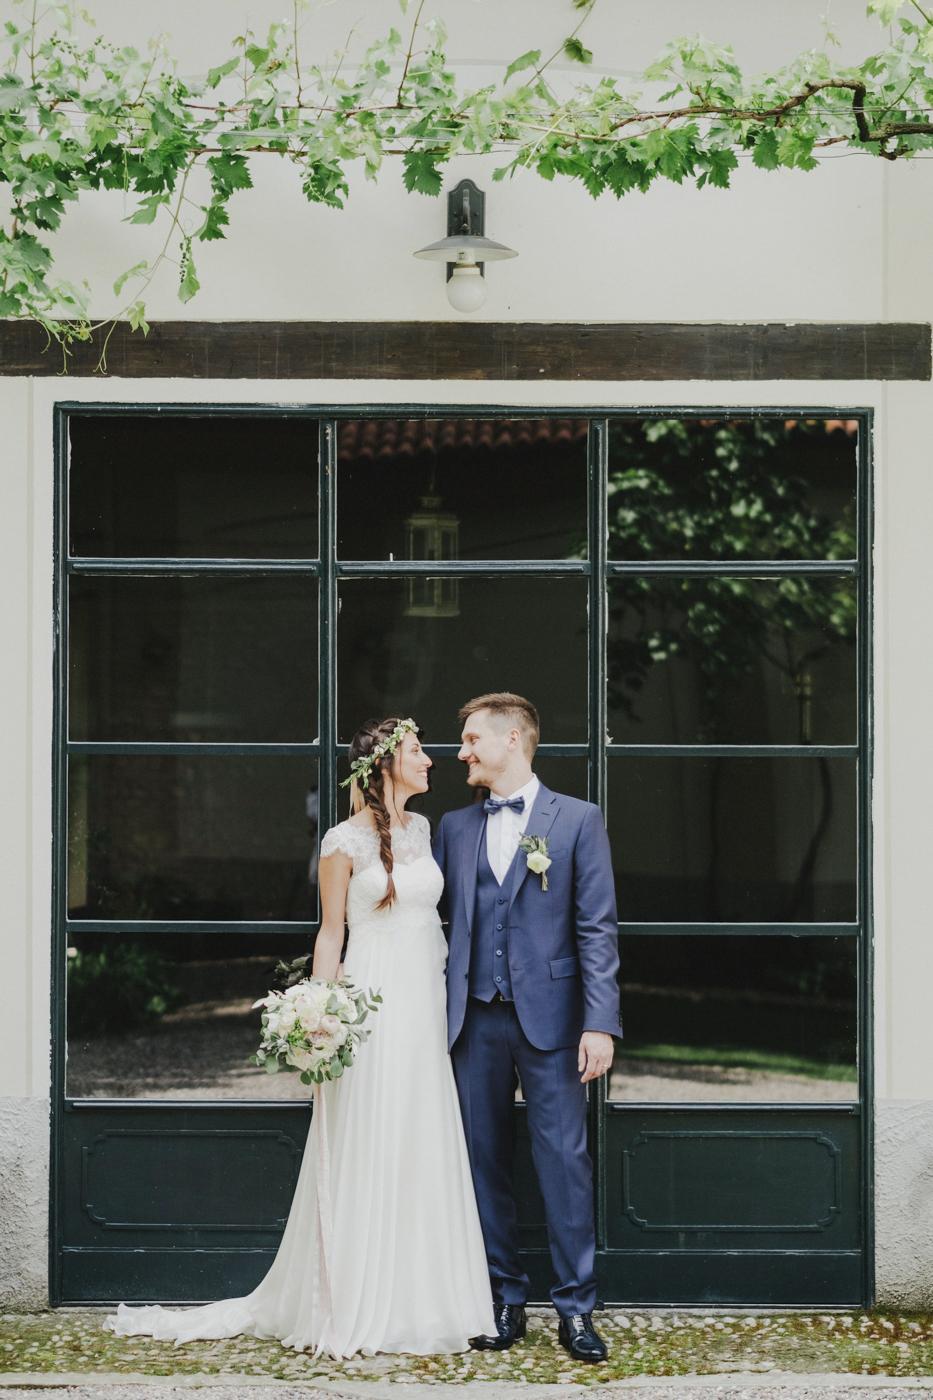 fotografo matrimonio como-88.jpg